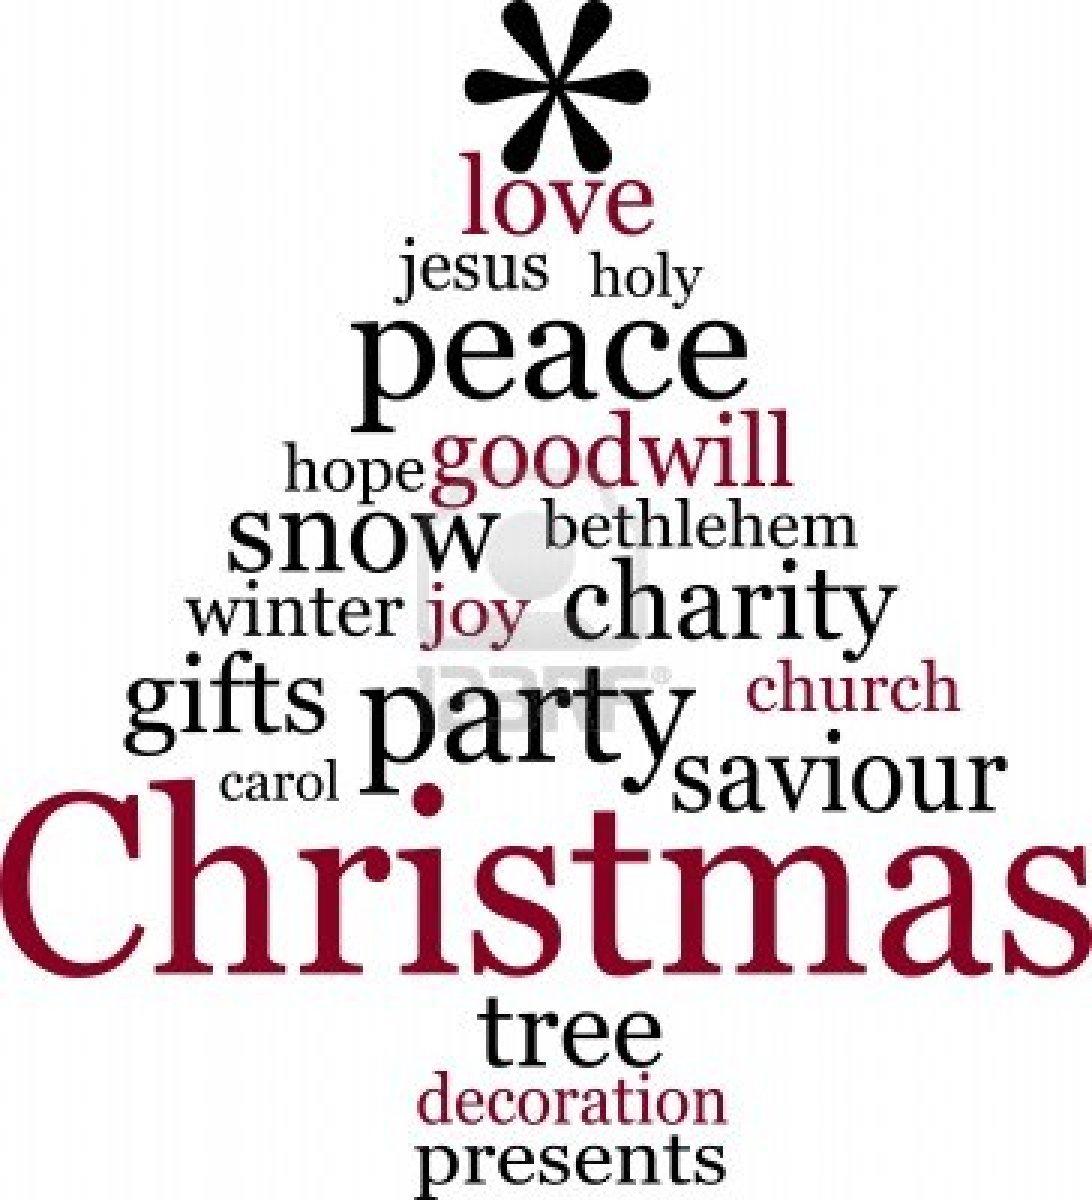 Christmas Tree Name Generator : Christmas tree word tag cloud abstract image shift